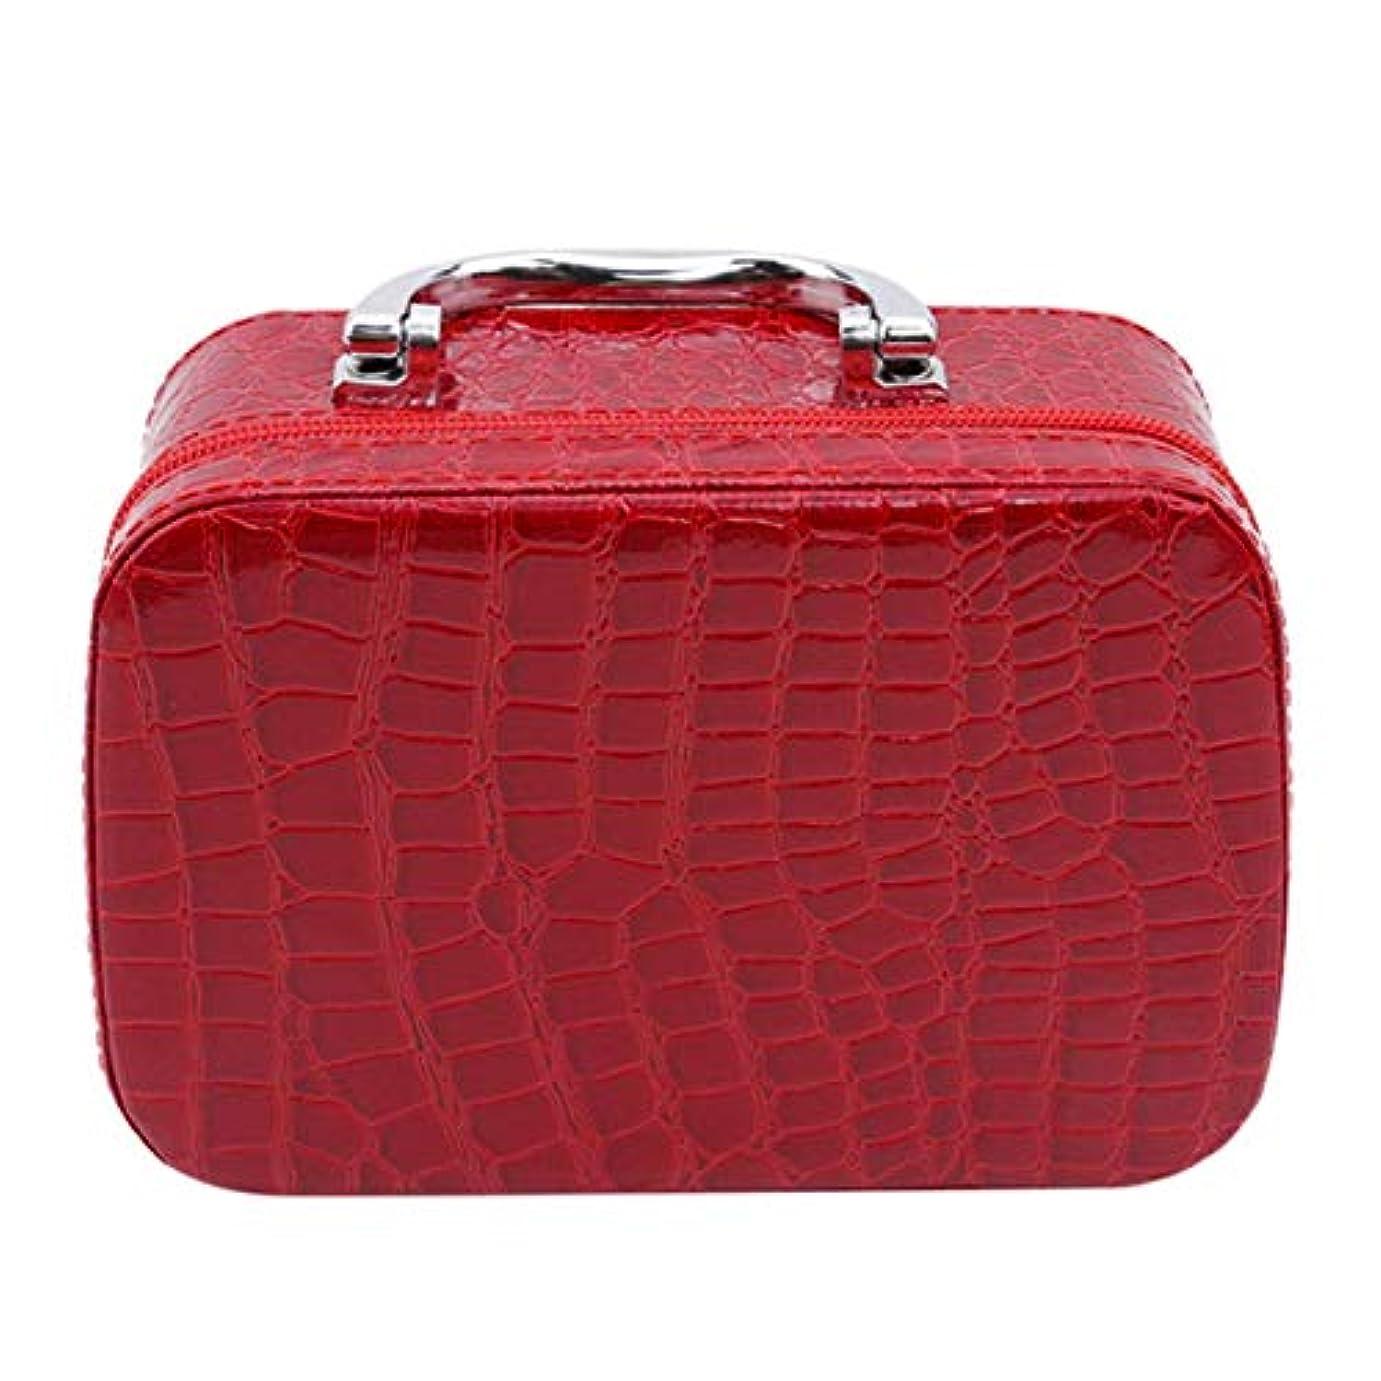 陰気振動する実業家1st market ミラーが付いている優れた旅行携帯用化粧品袋のオルガナイザーの女性の化粧品の箱